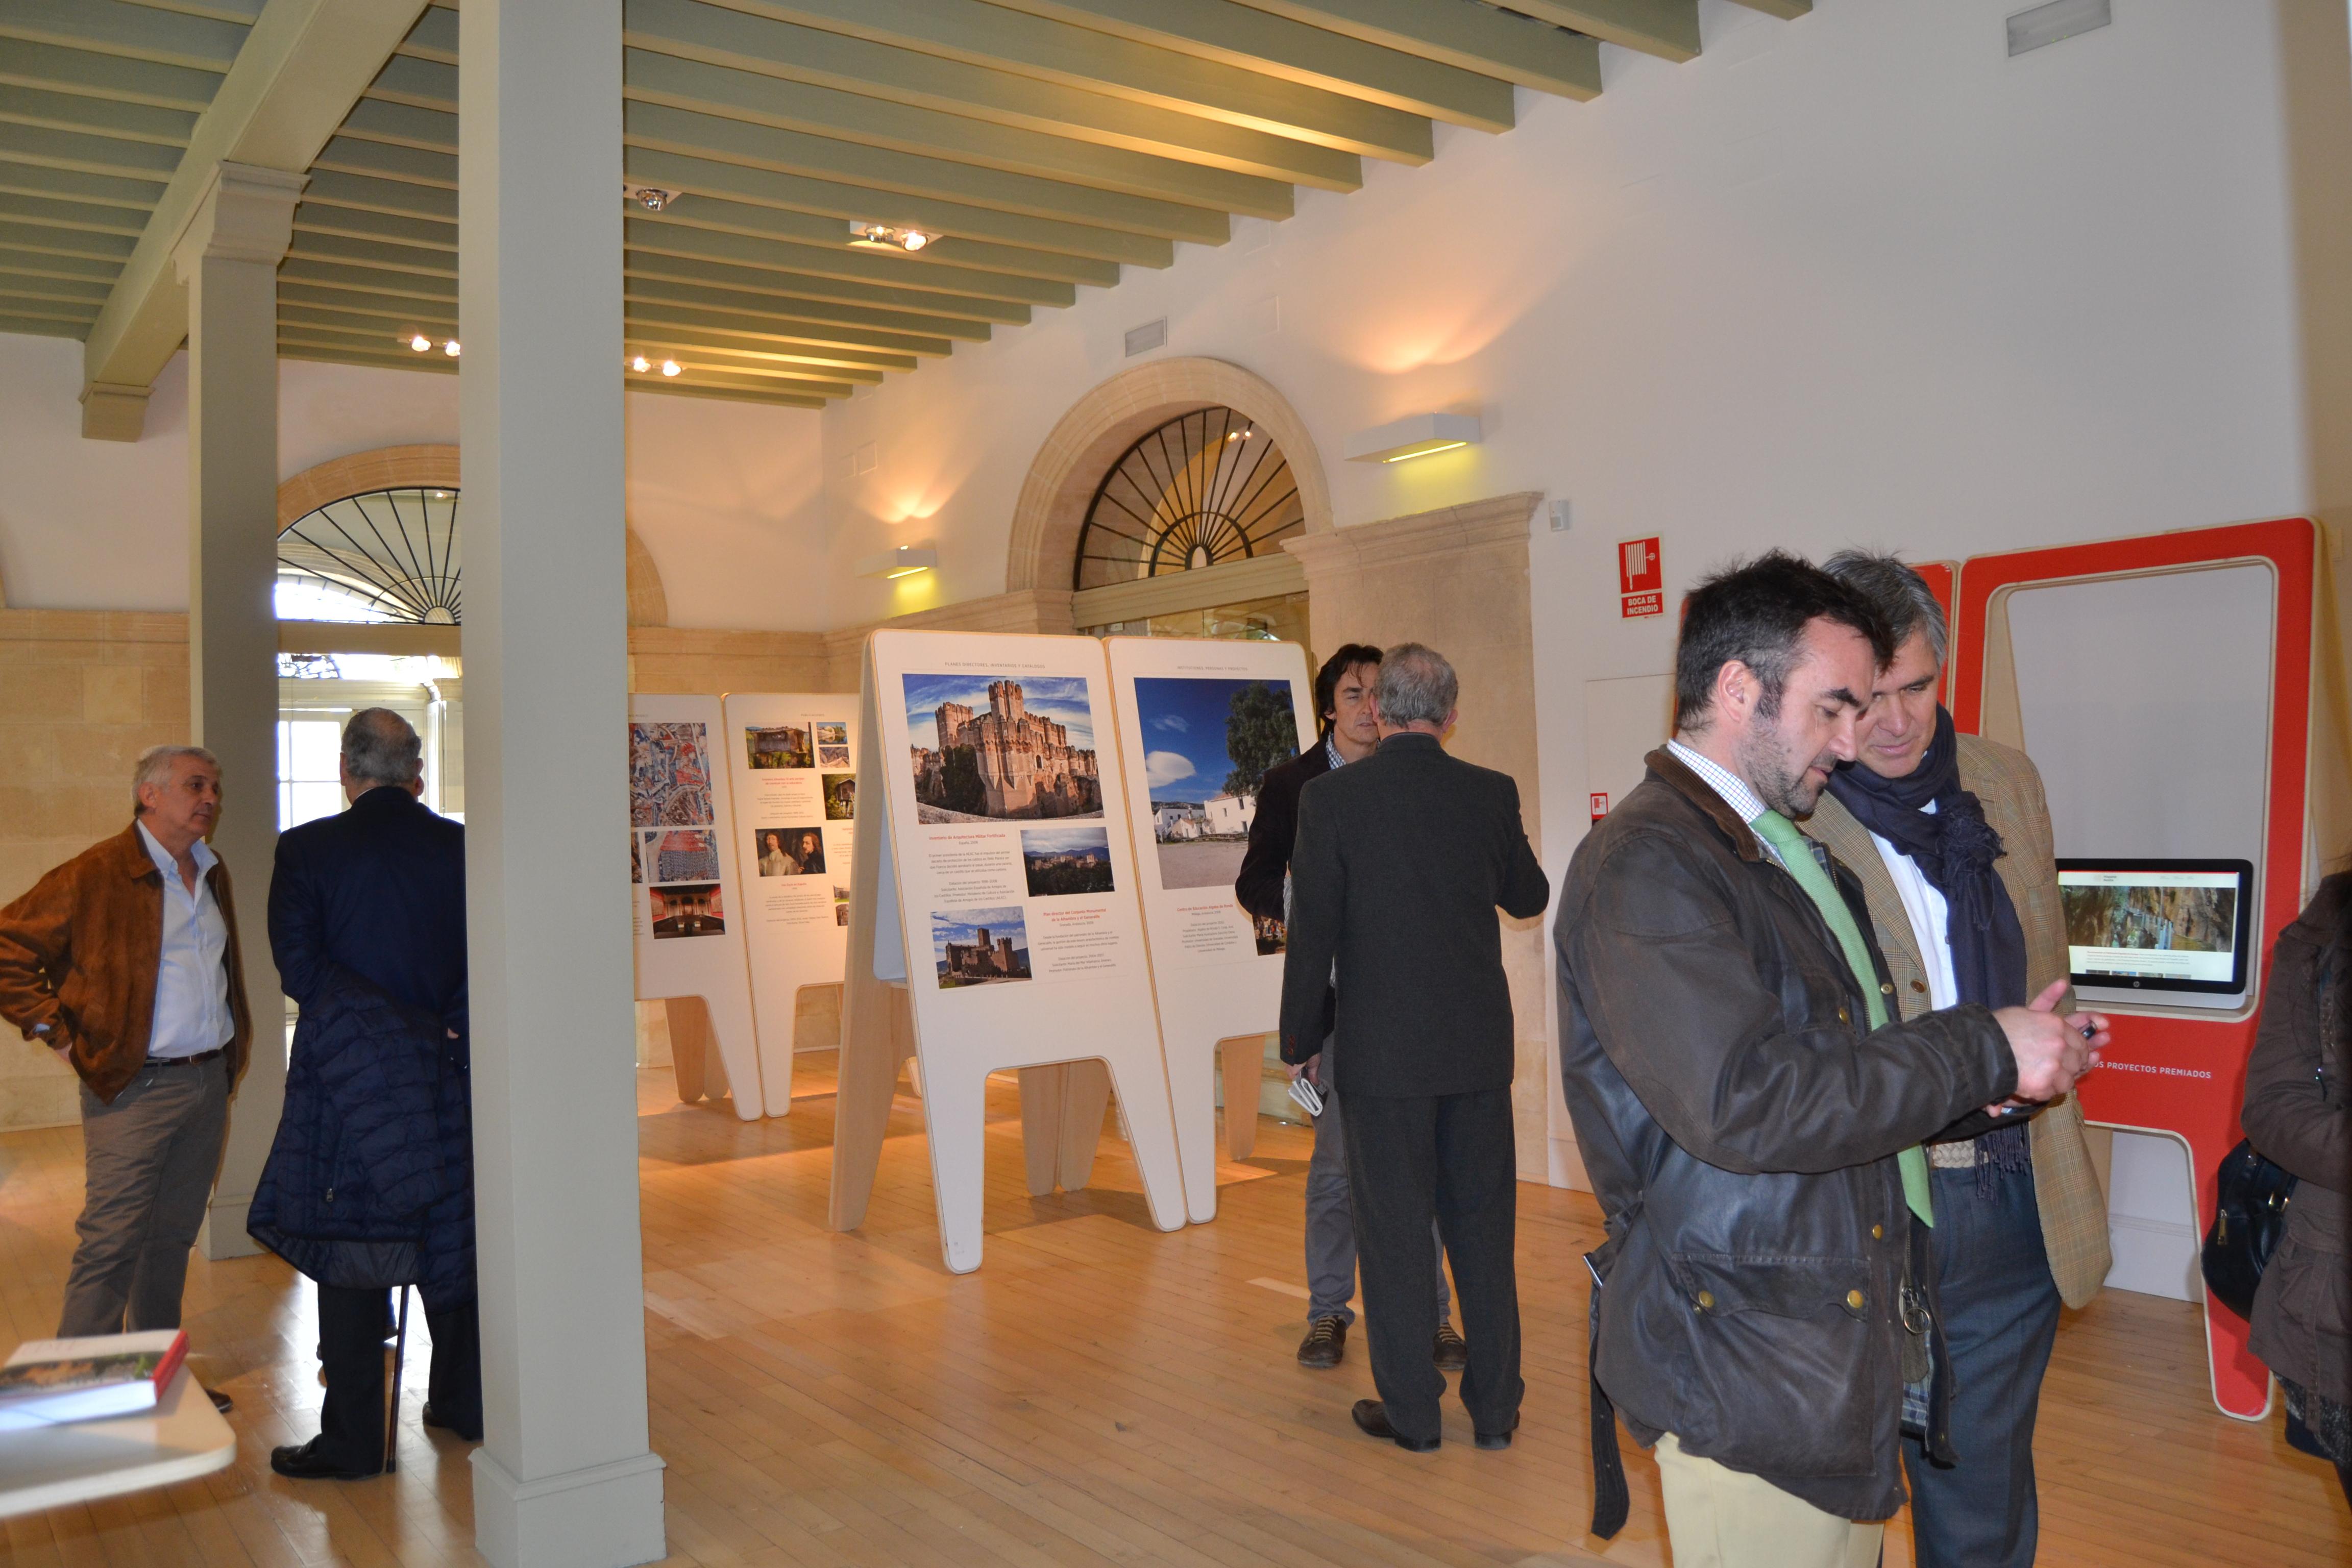 Inauguración de la Exposición Hispania Nostra; Re-Conociendo el Patrimonio Español en Europa. Aparece en la imagen, los distintos paneles exponiendo los premios de patrimonio de otros años, incluyendo el nuestro de este año al Toro de Osborne.